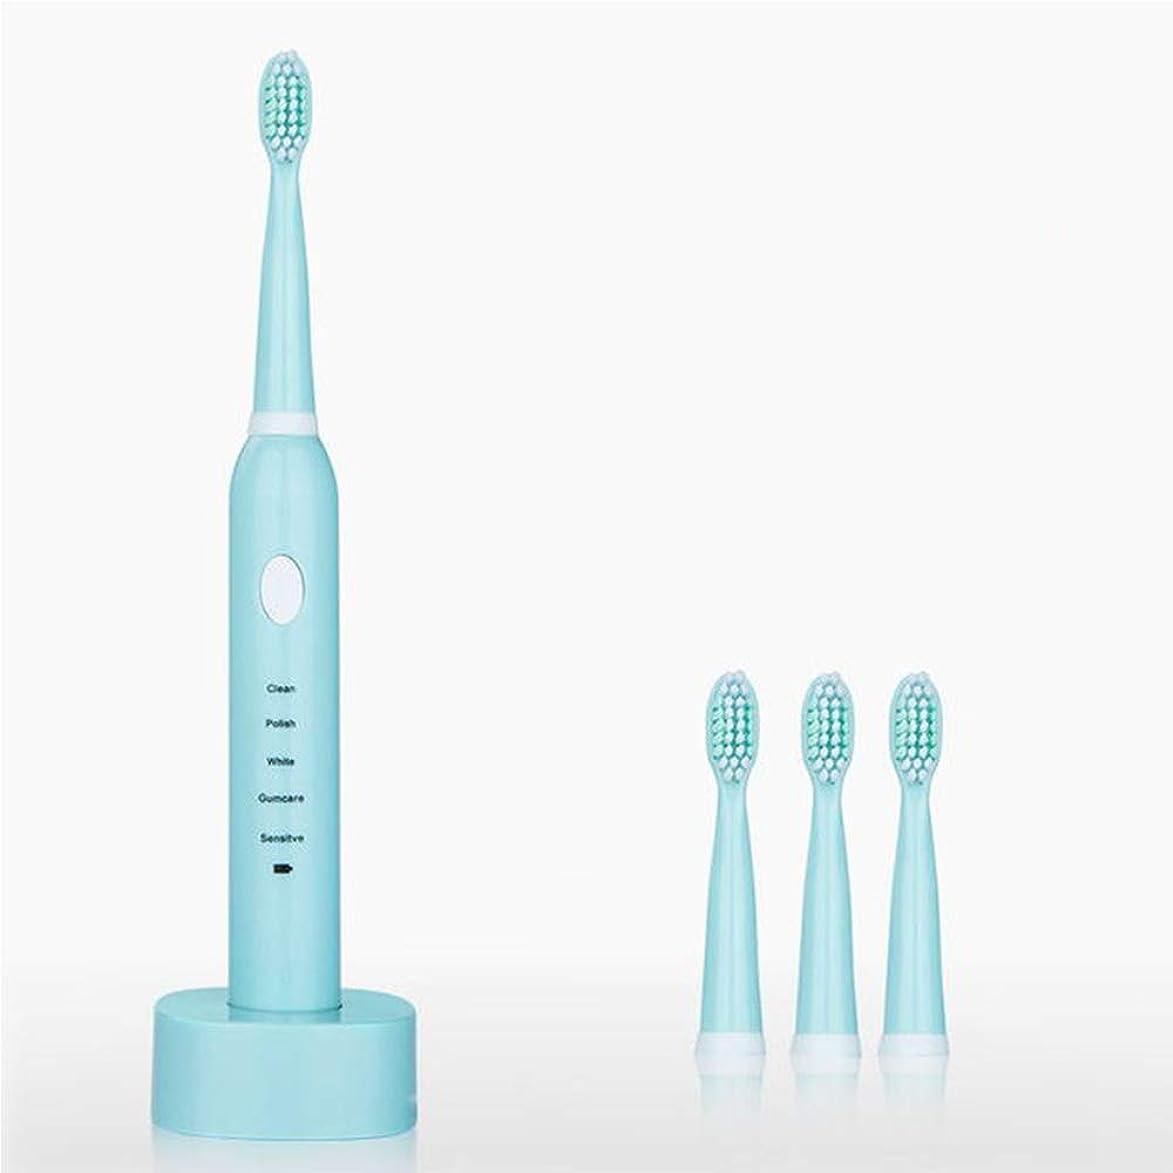 充電電動歯ブラシ、usb充電歯ブラシ音波自動ソフト歯ブラシ防水歯ブラシ用大人,ピンク,1Pcs